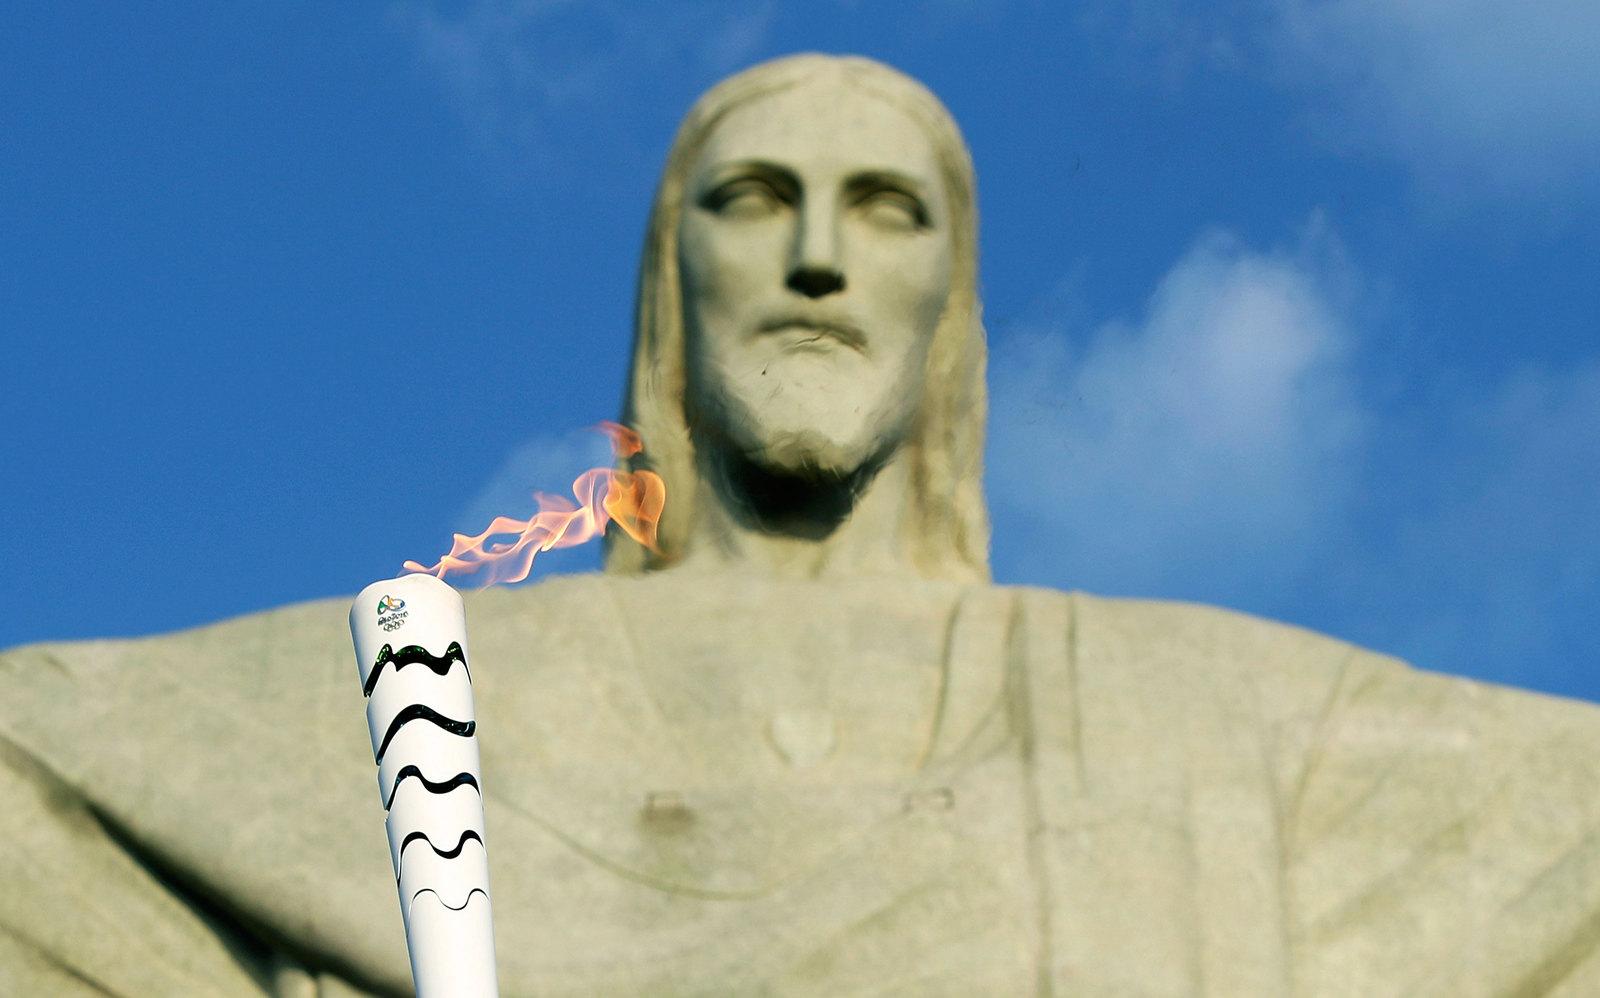 Олимпийский огонь не обошел стороной и одну из главных достопримечательностей города